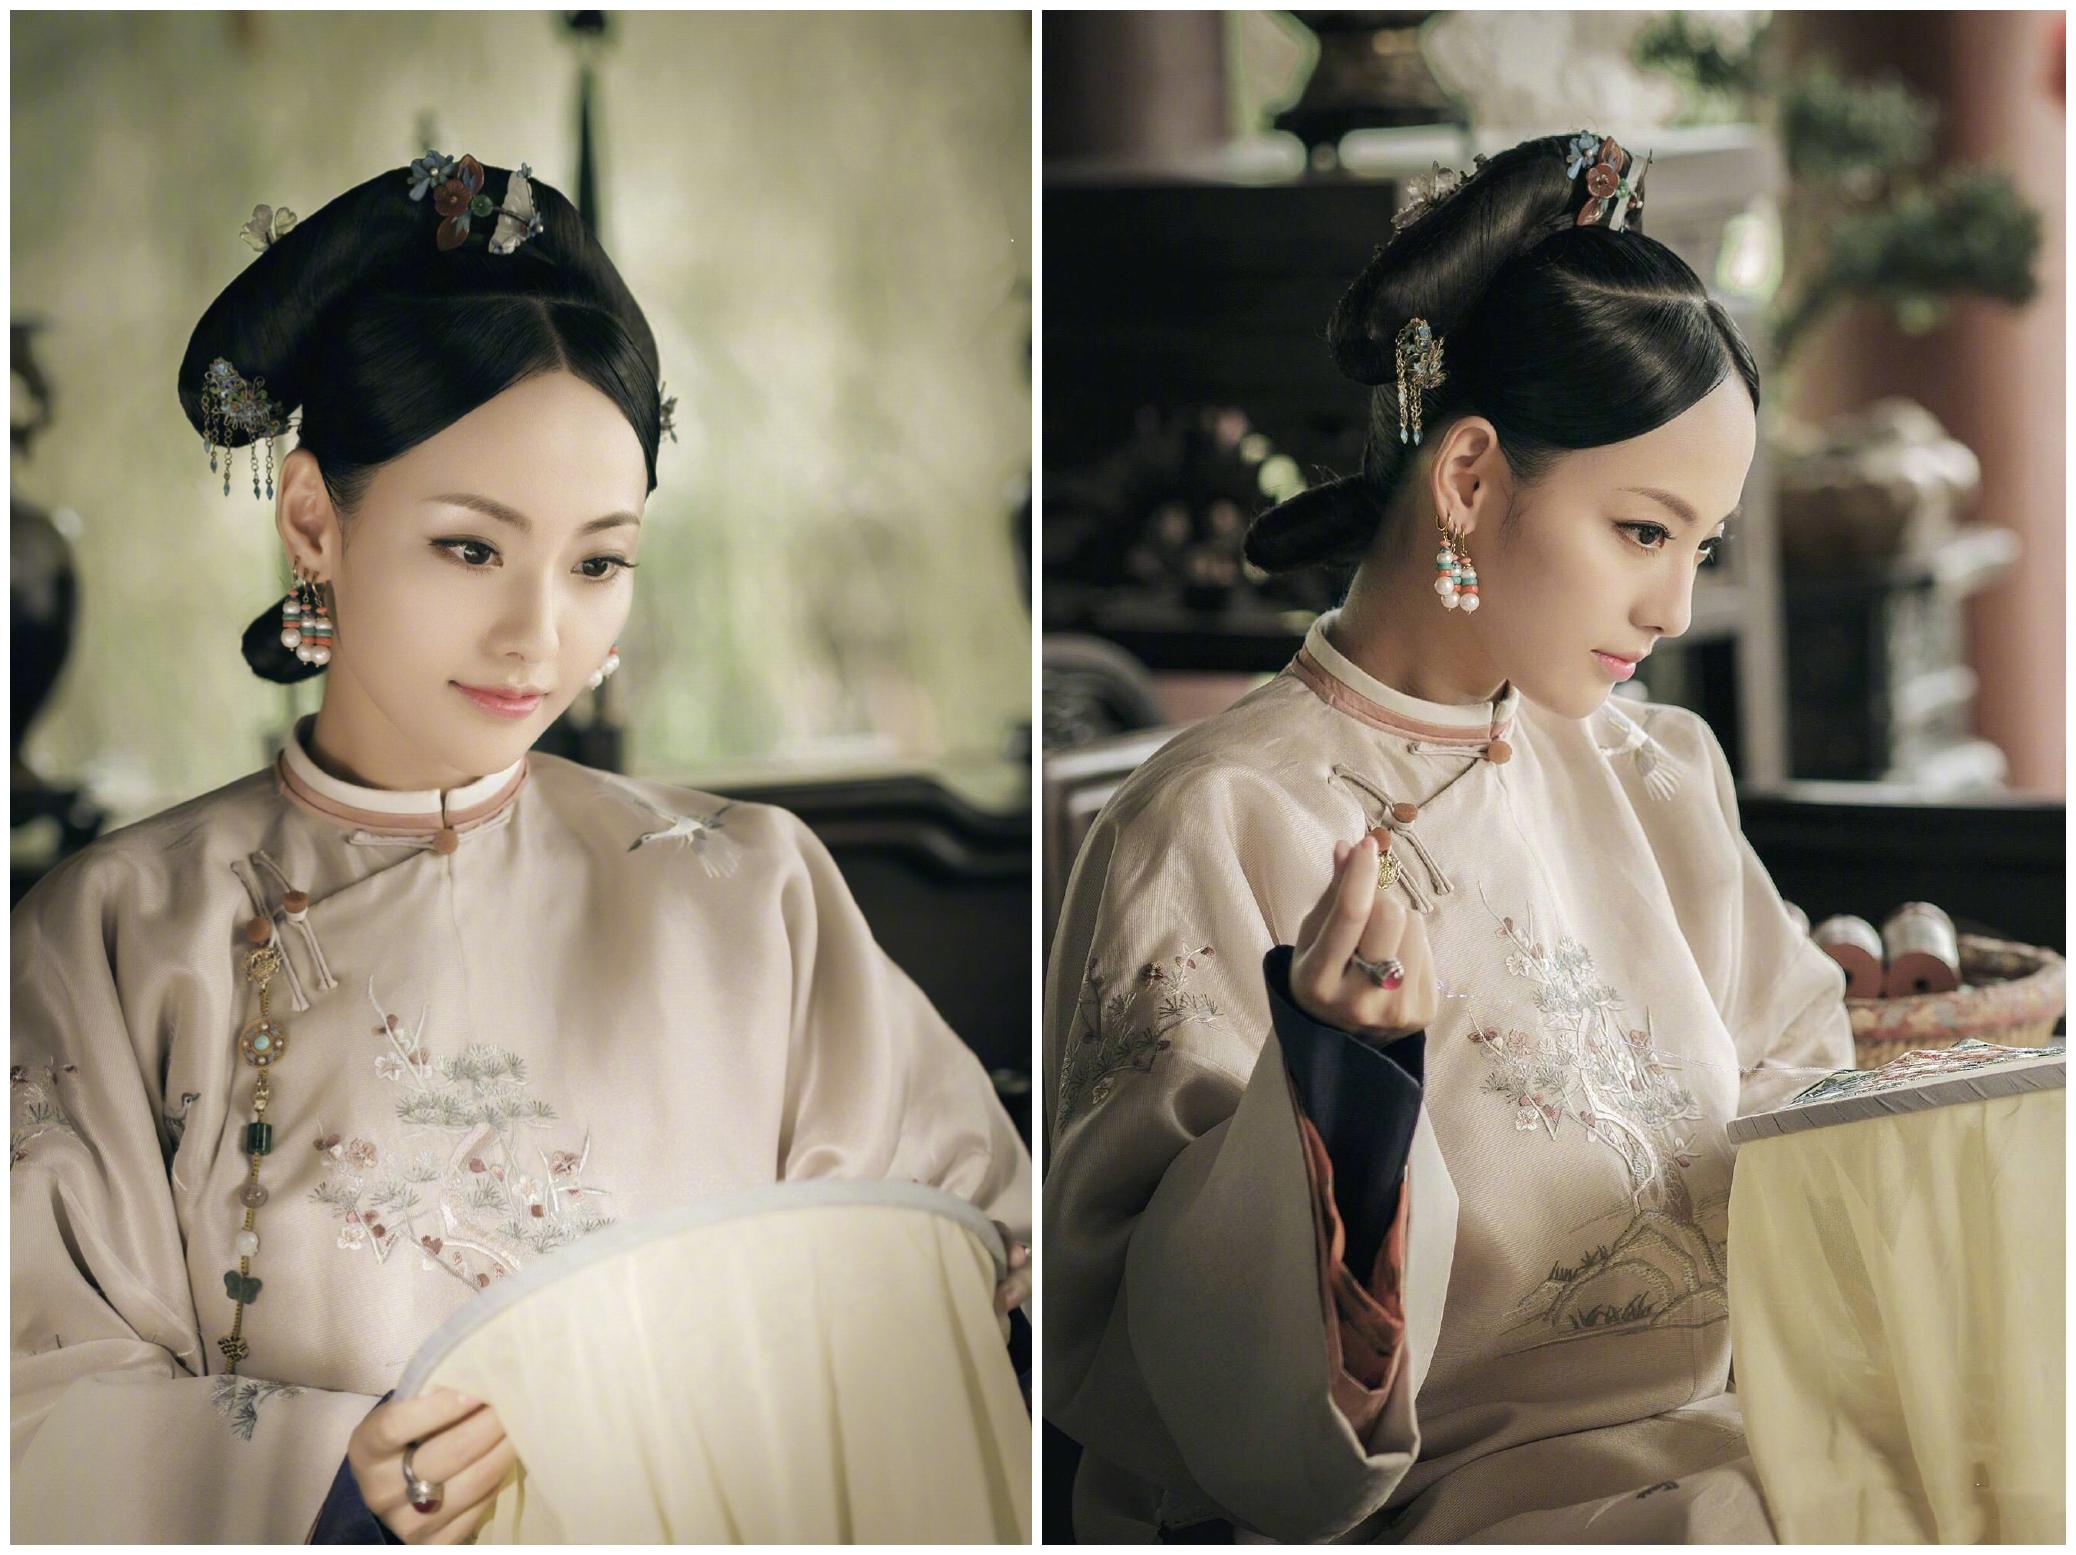 张嘉倪李沁同演香妃,古装扮相令人心醉,只能靠现代装一较高下了